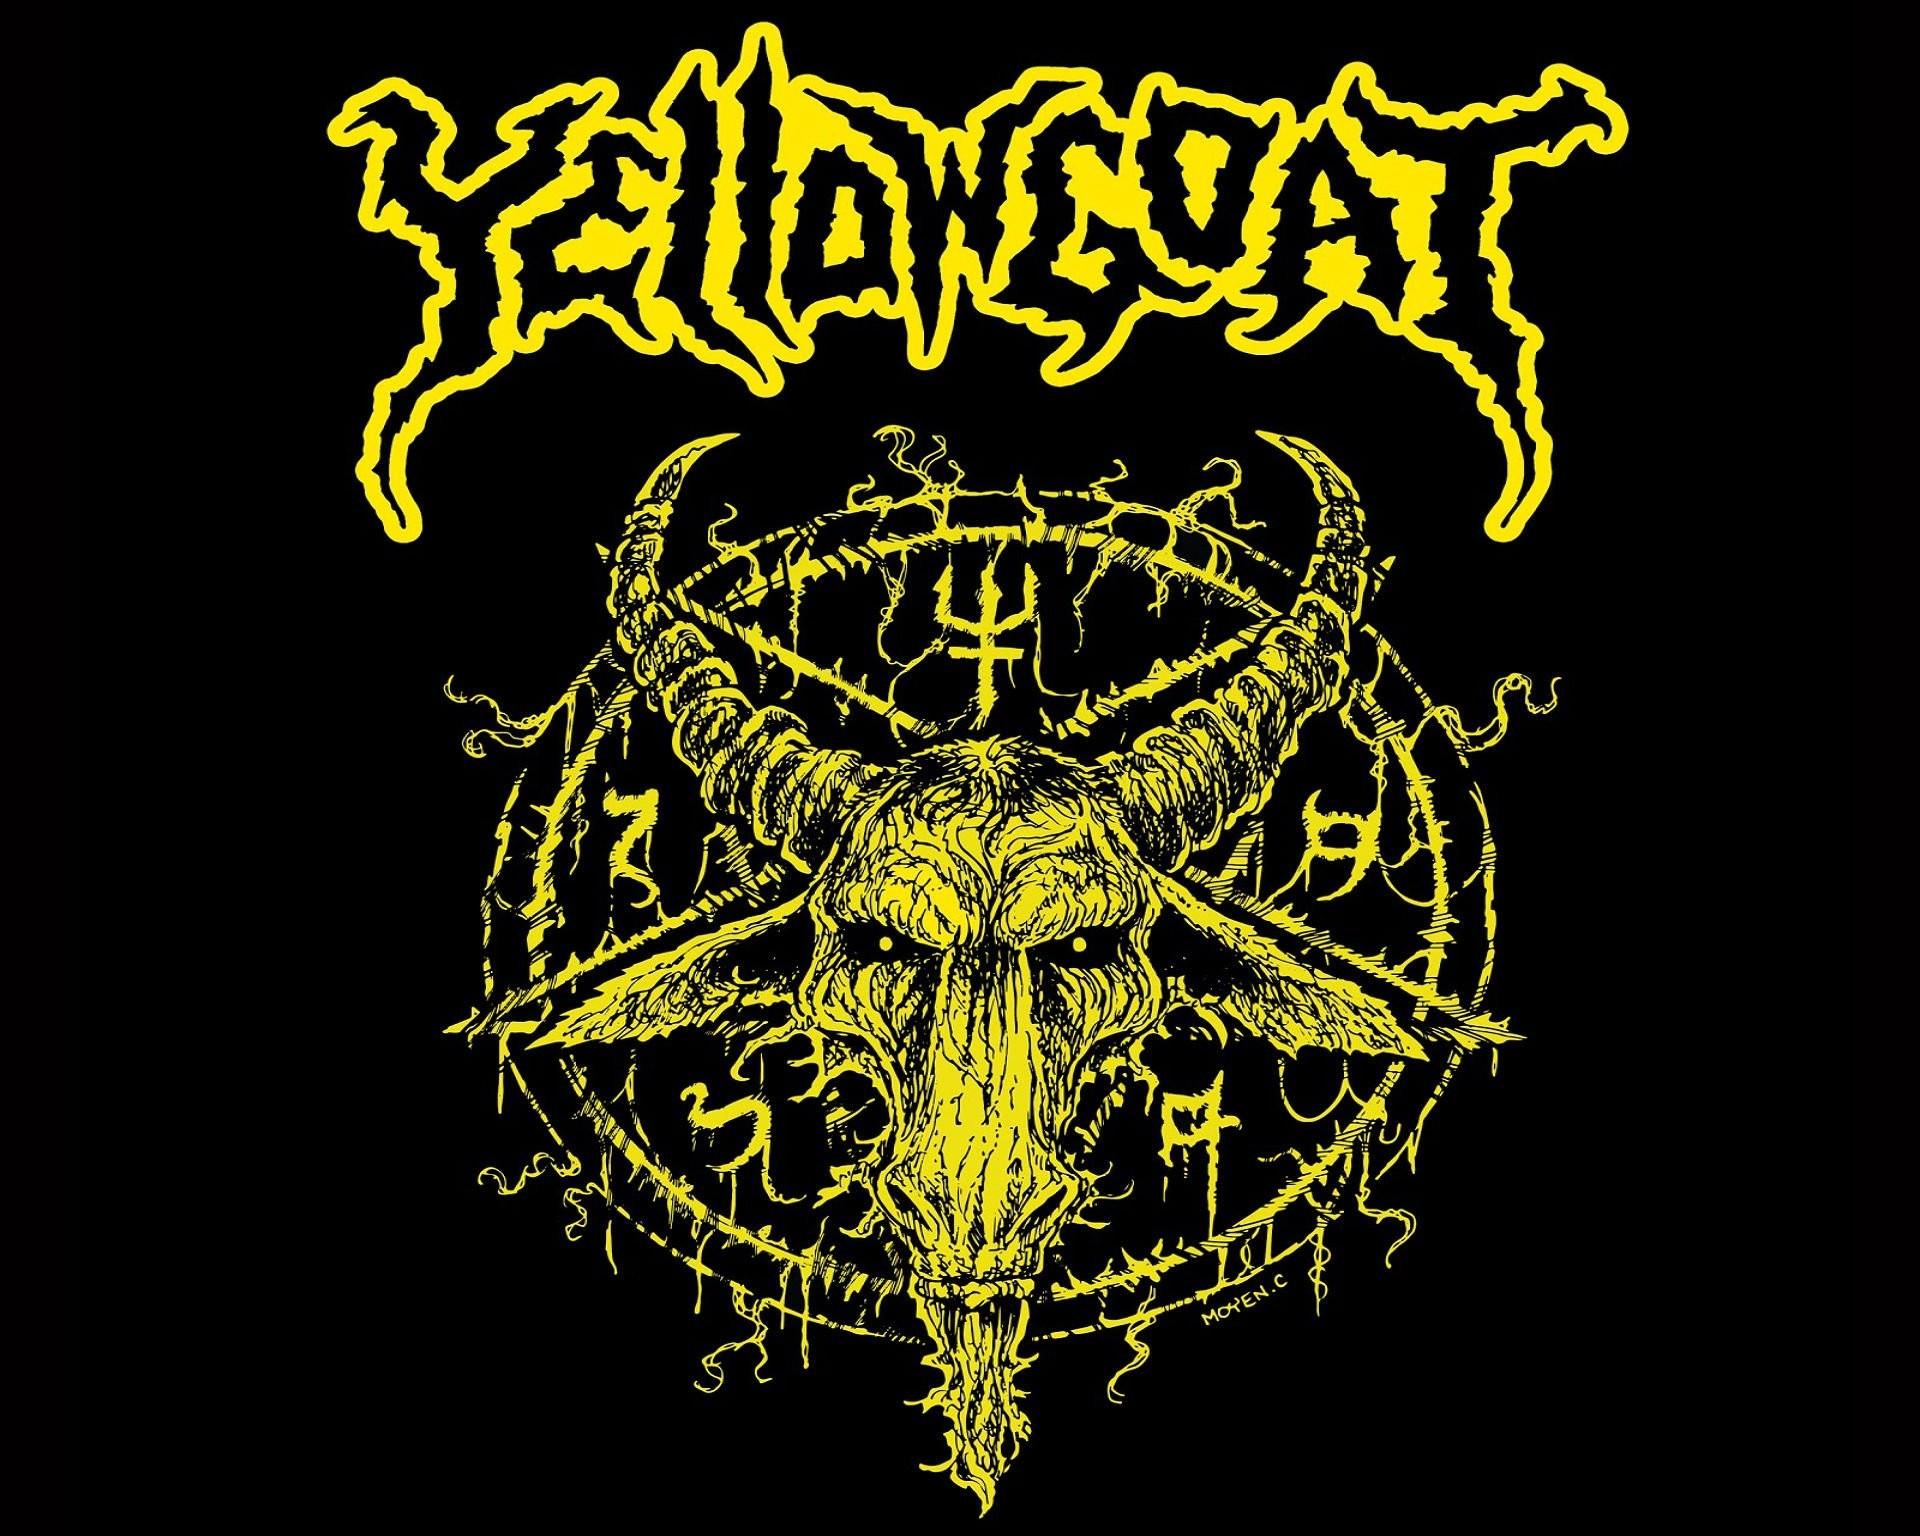 Res: 1920x1536, ... Evil,thrash, Black, Heavy, High Resolution, Wallpaper, Satanic, HD  Artworks, Satan, Death,free Images, Occult Tablet, Skull, Horror, Metal,  Dark